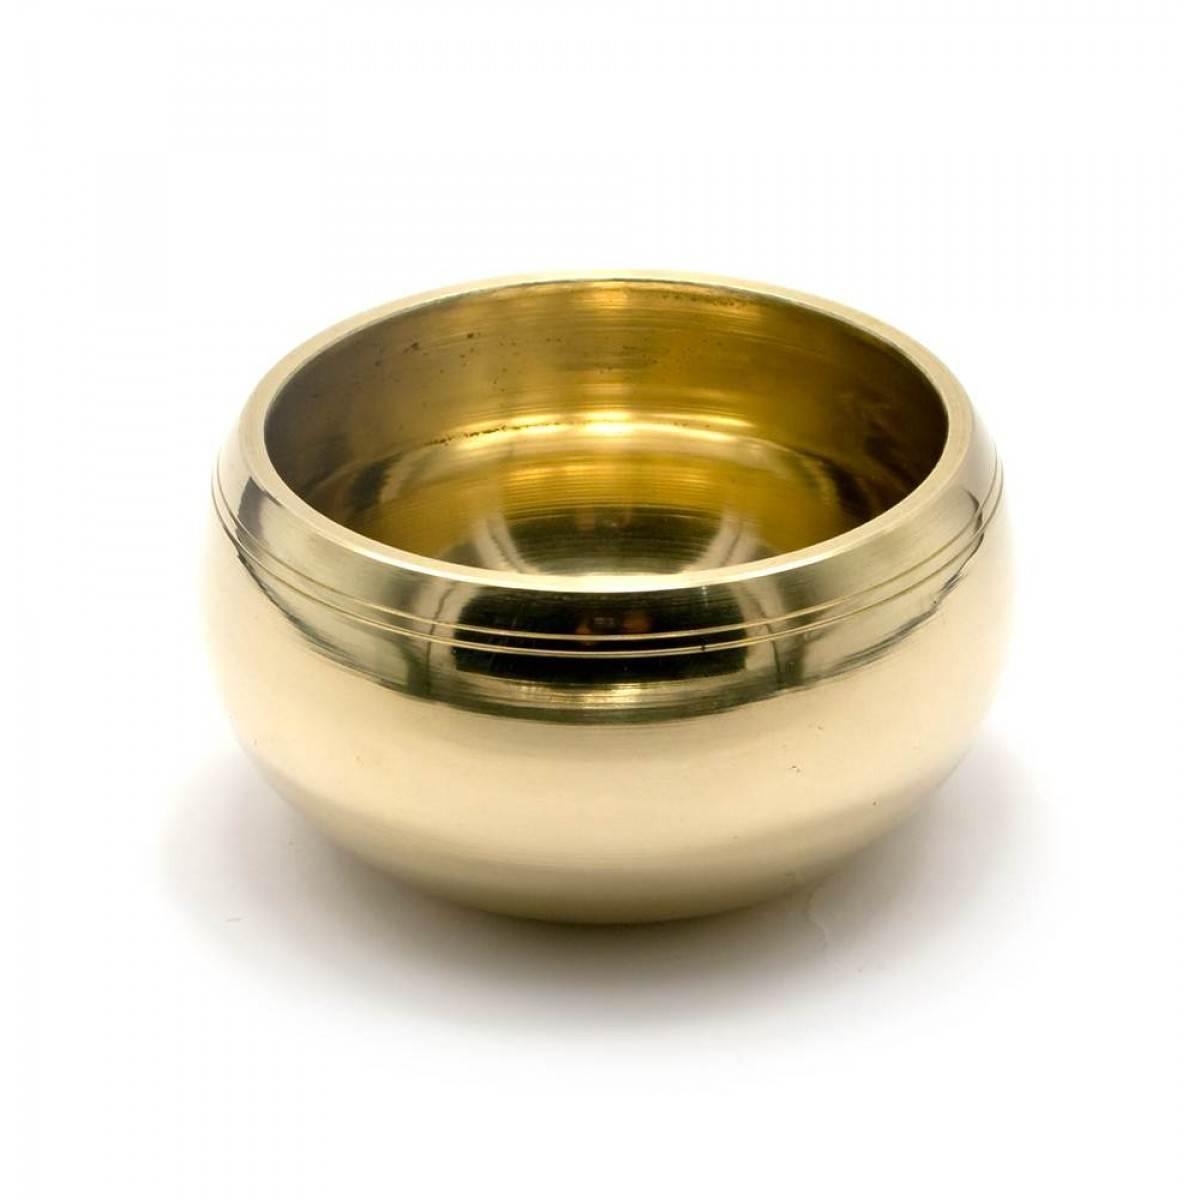 Чаша поющая бронзовая (без резонатора)(d 12 см)